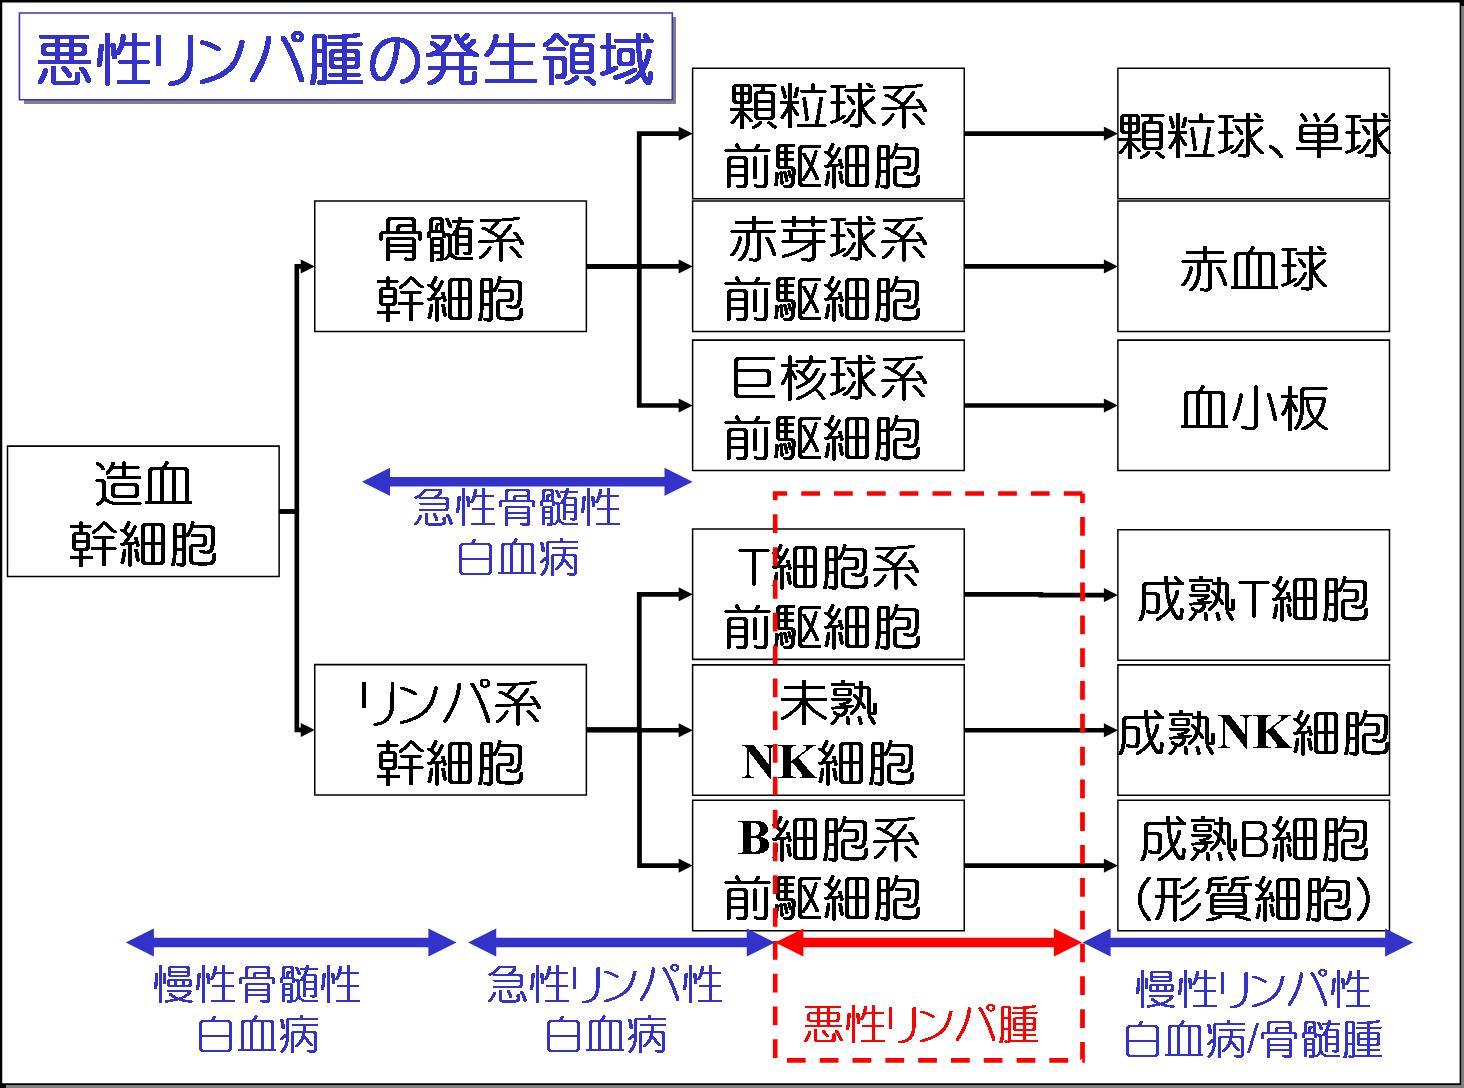 びまん性大細胞性悪性リンパ腫 - JapaneseClass.jp